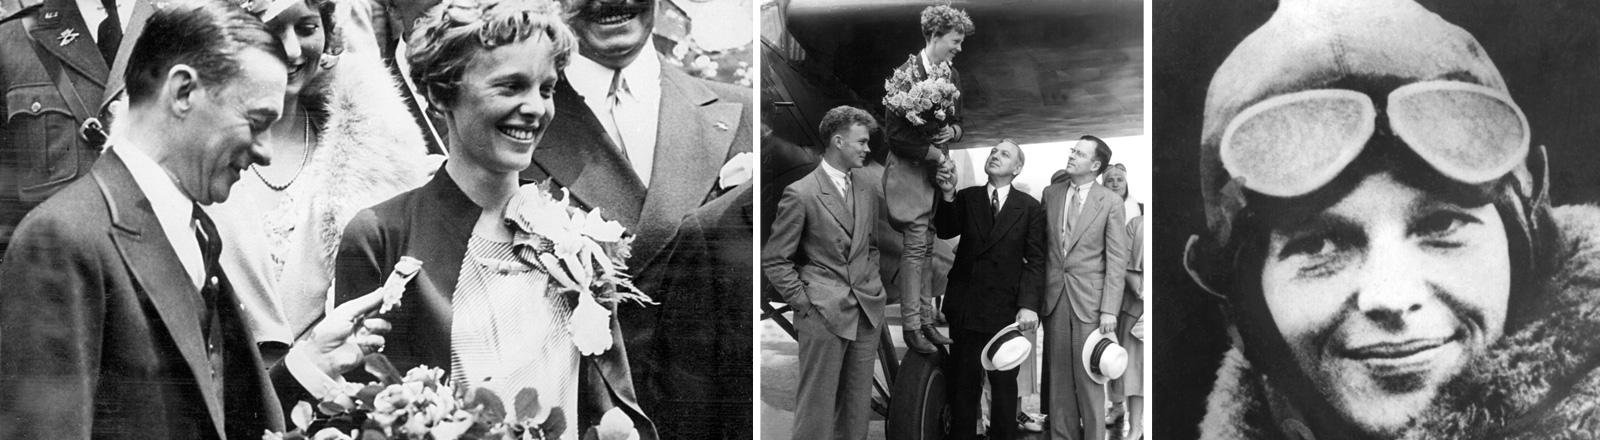 Verschiedene Fotos zeigen Amelia Earhart, zum Beispiel auf dem Reifen eines Flugzeuges, mit Fliegermütze und Brille oder bei einer Ehrung.